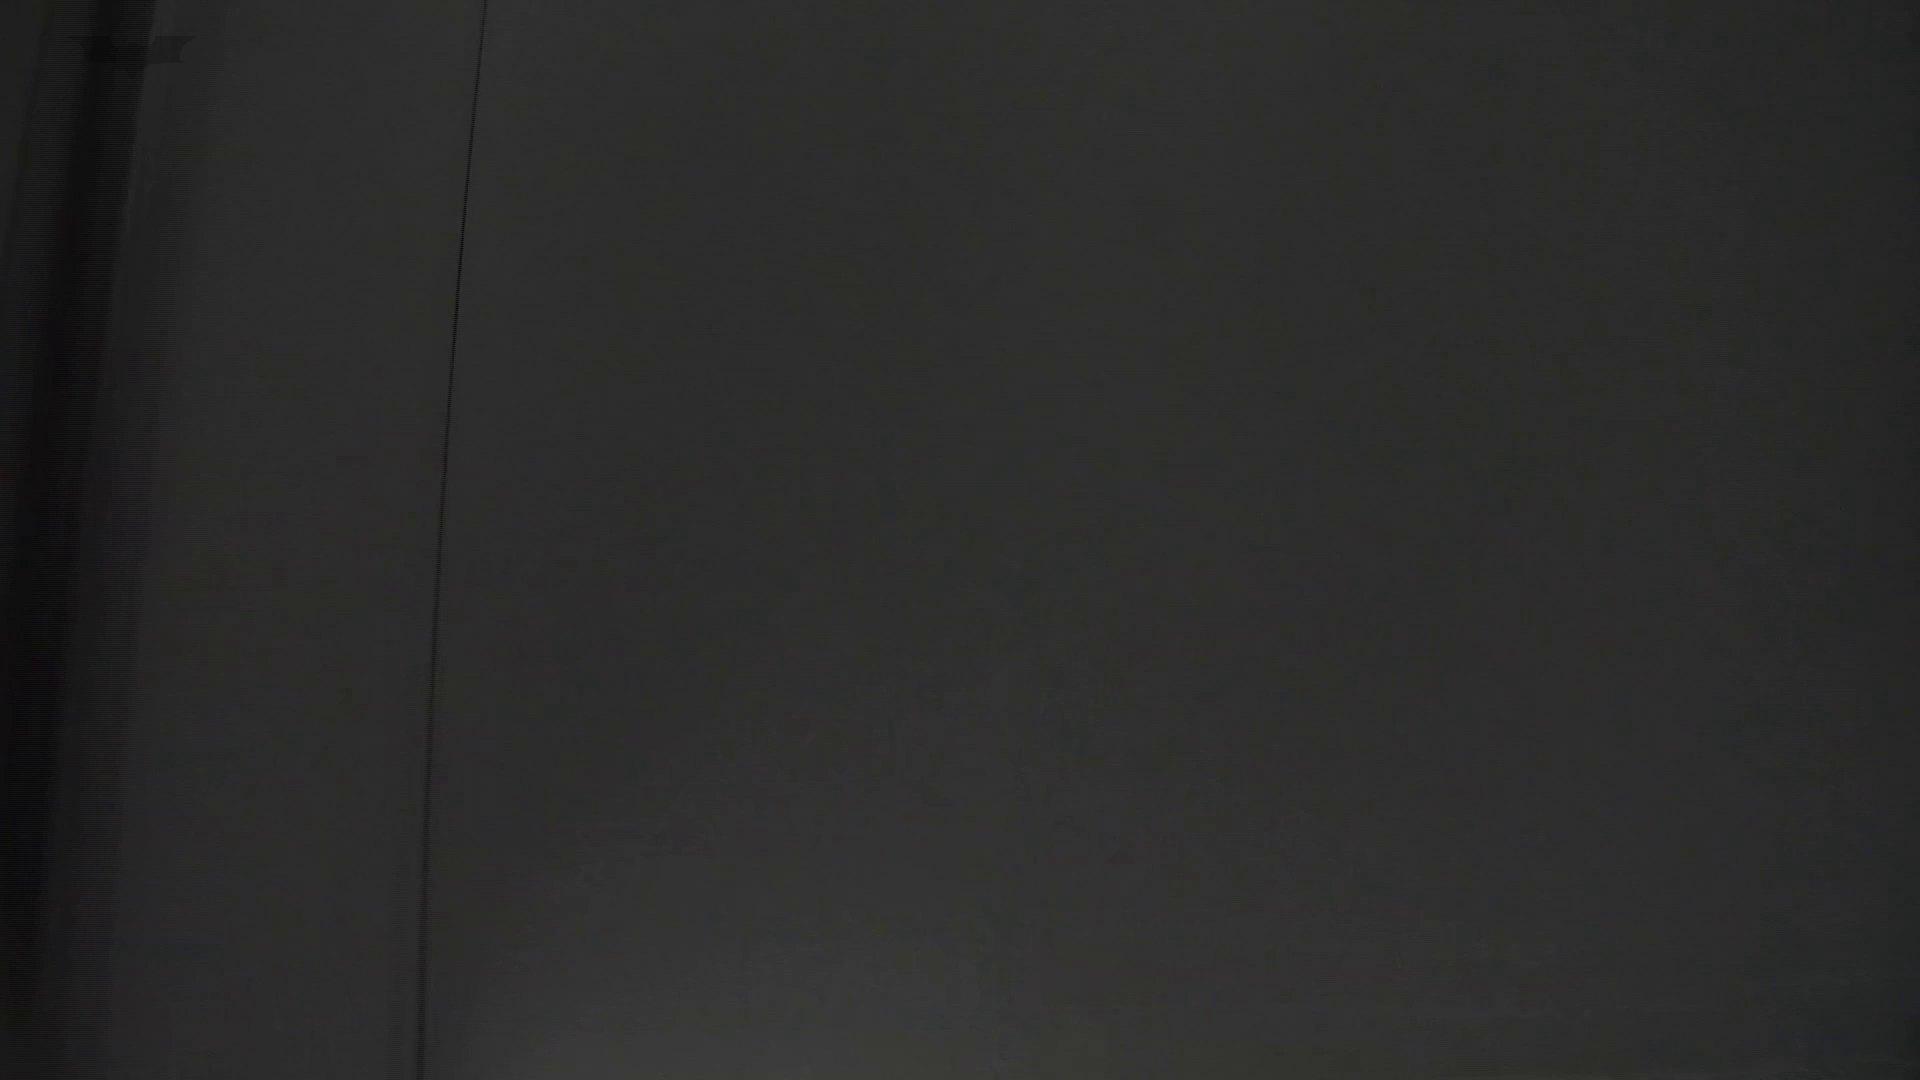 美しい日本の未来 No.22 未来進歩3 感動レベル【2015・12位】 エッチなモデル  102枚 76